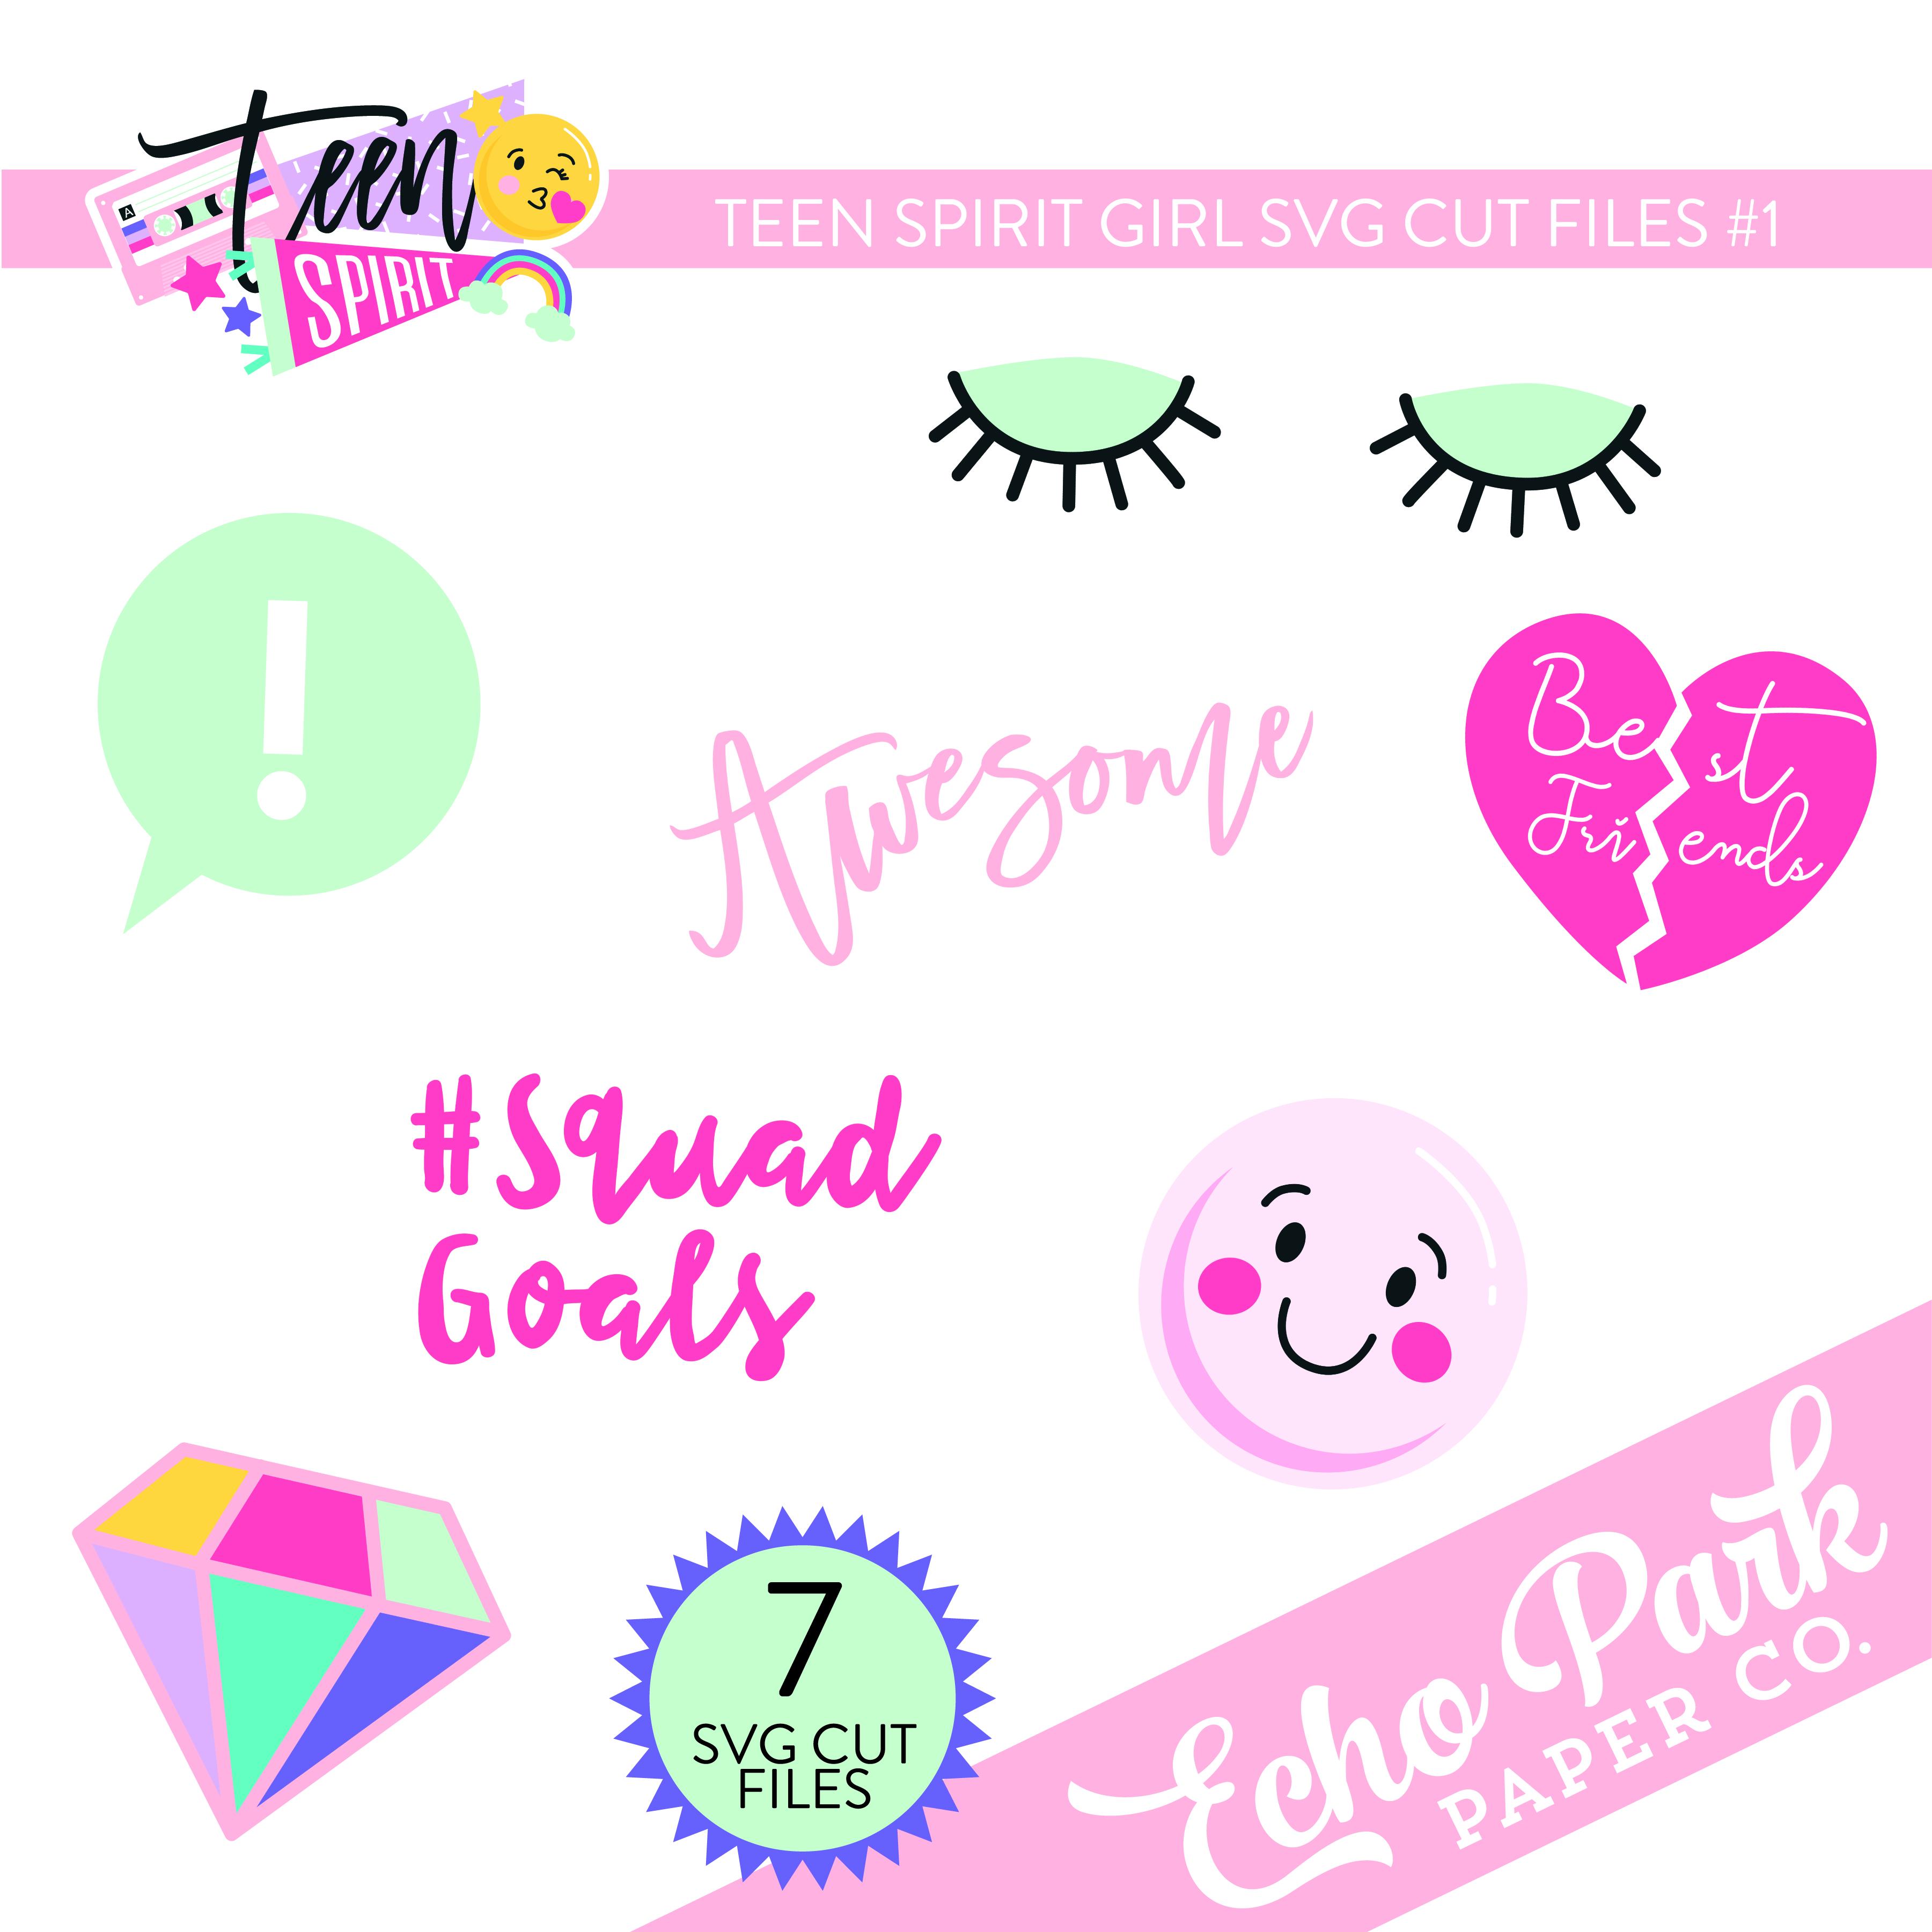 Teen Spirit Girl SVG Cut Files #1